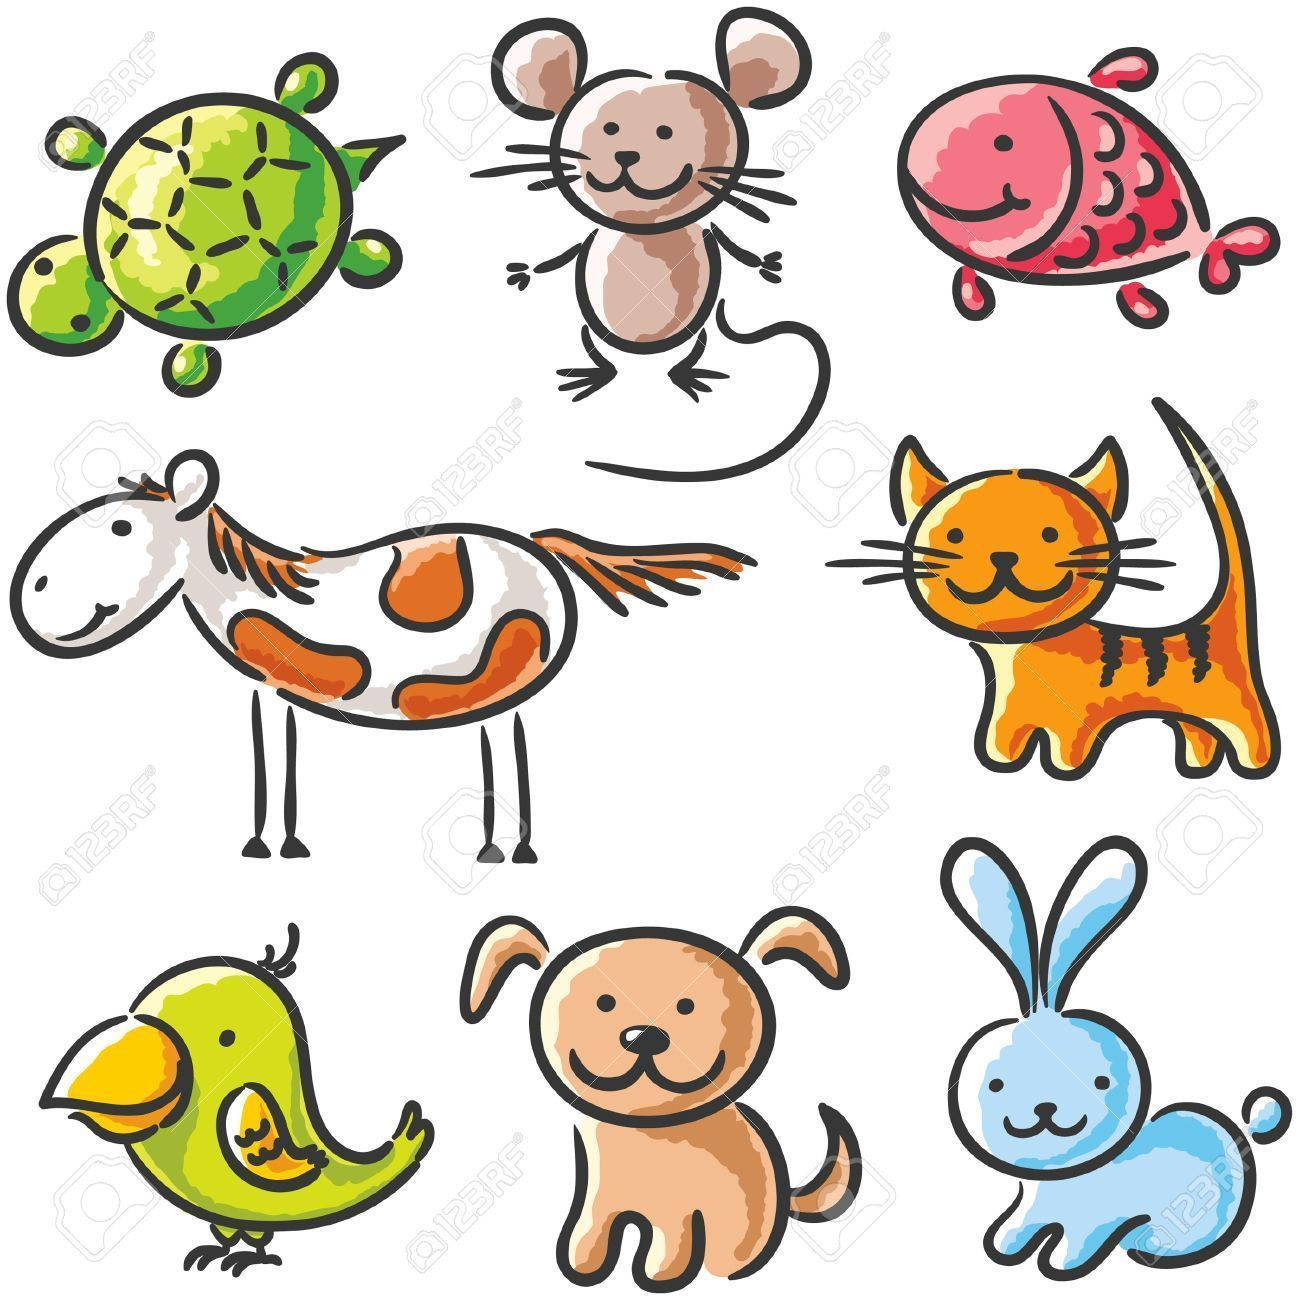 April 15th, National Pet Week Craft